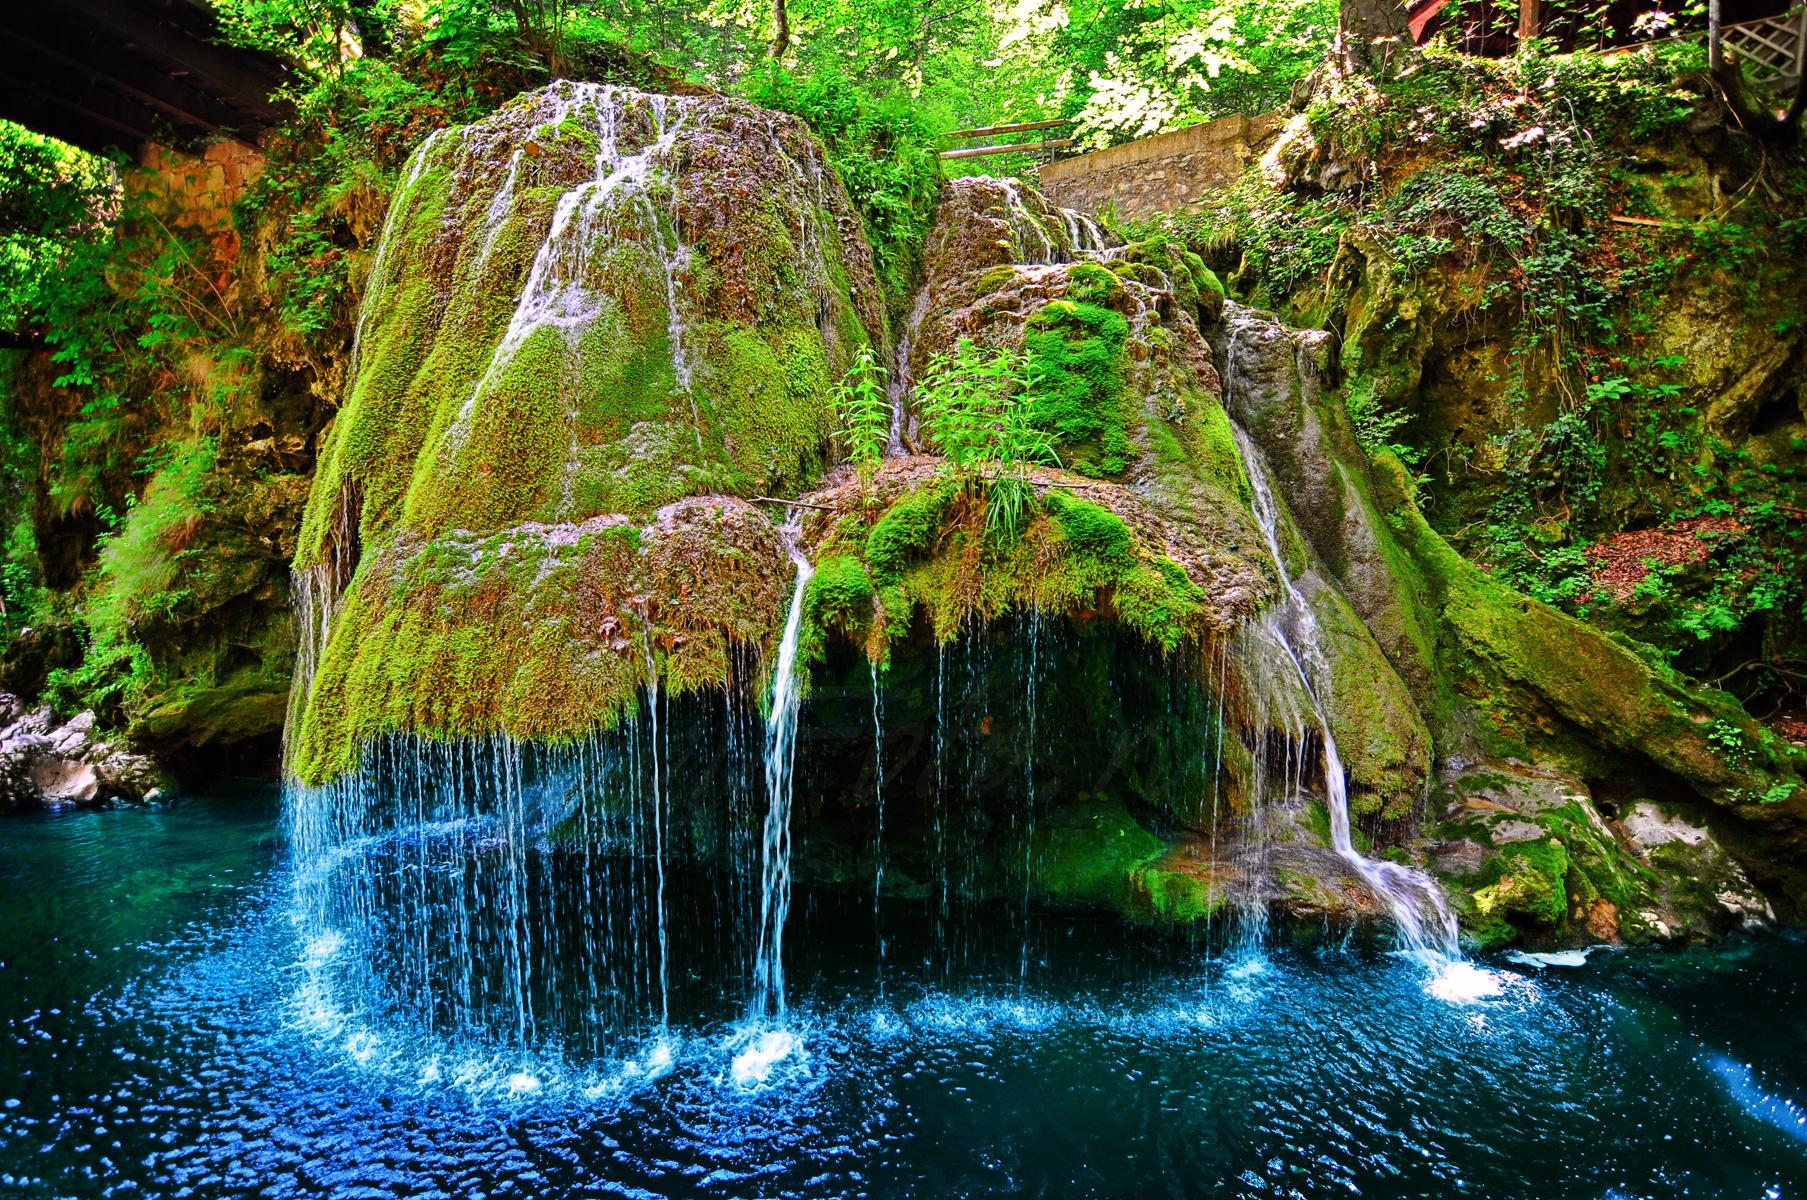 http://cdn2.hubspot.net/hubfs/171614/waterfall-1.jpg